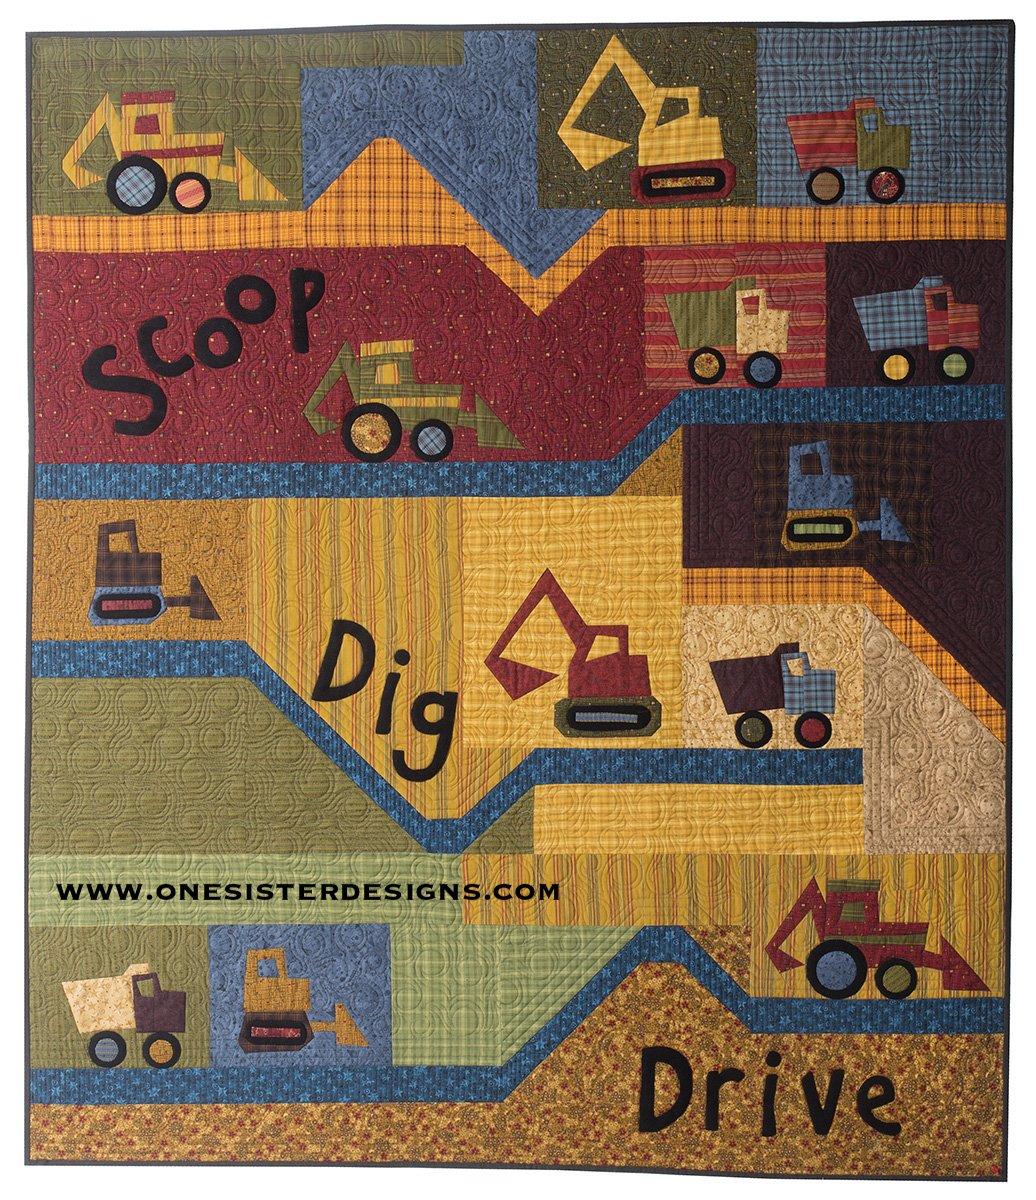 Scoop Dig Drive Kit